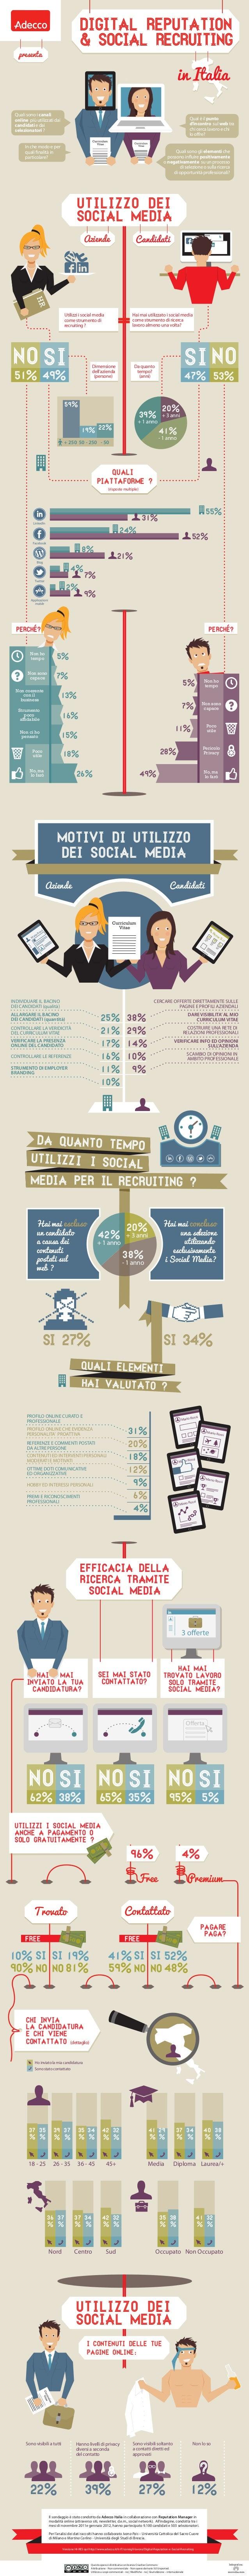 DIGITAL REPUTATION & SOCIAL RECRUITING  presenta  in Italia Quali sono i canali online più utilizzati dai candidati e dai ...